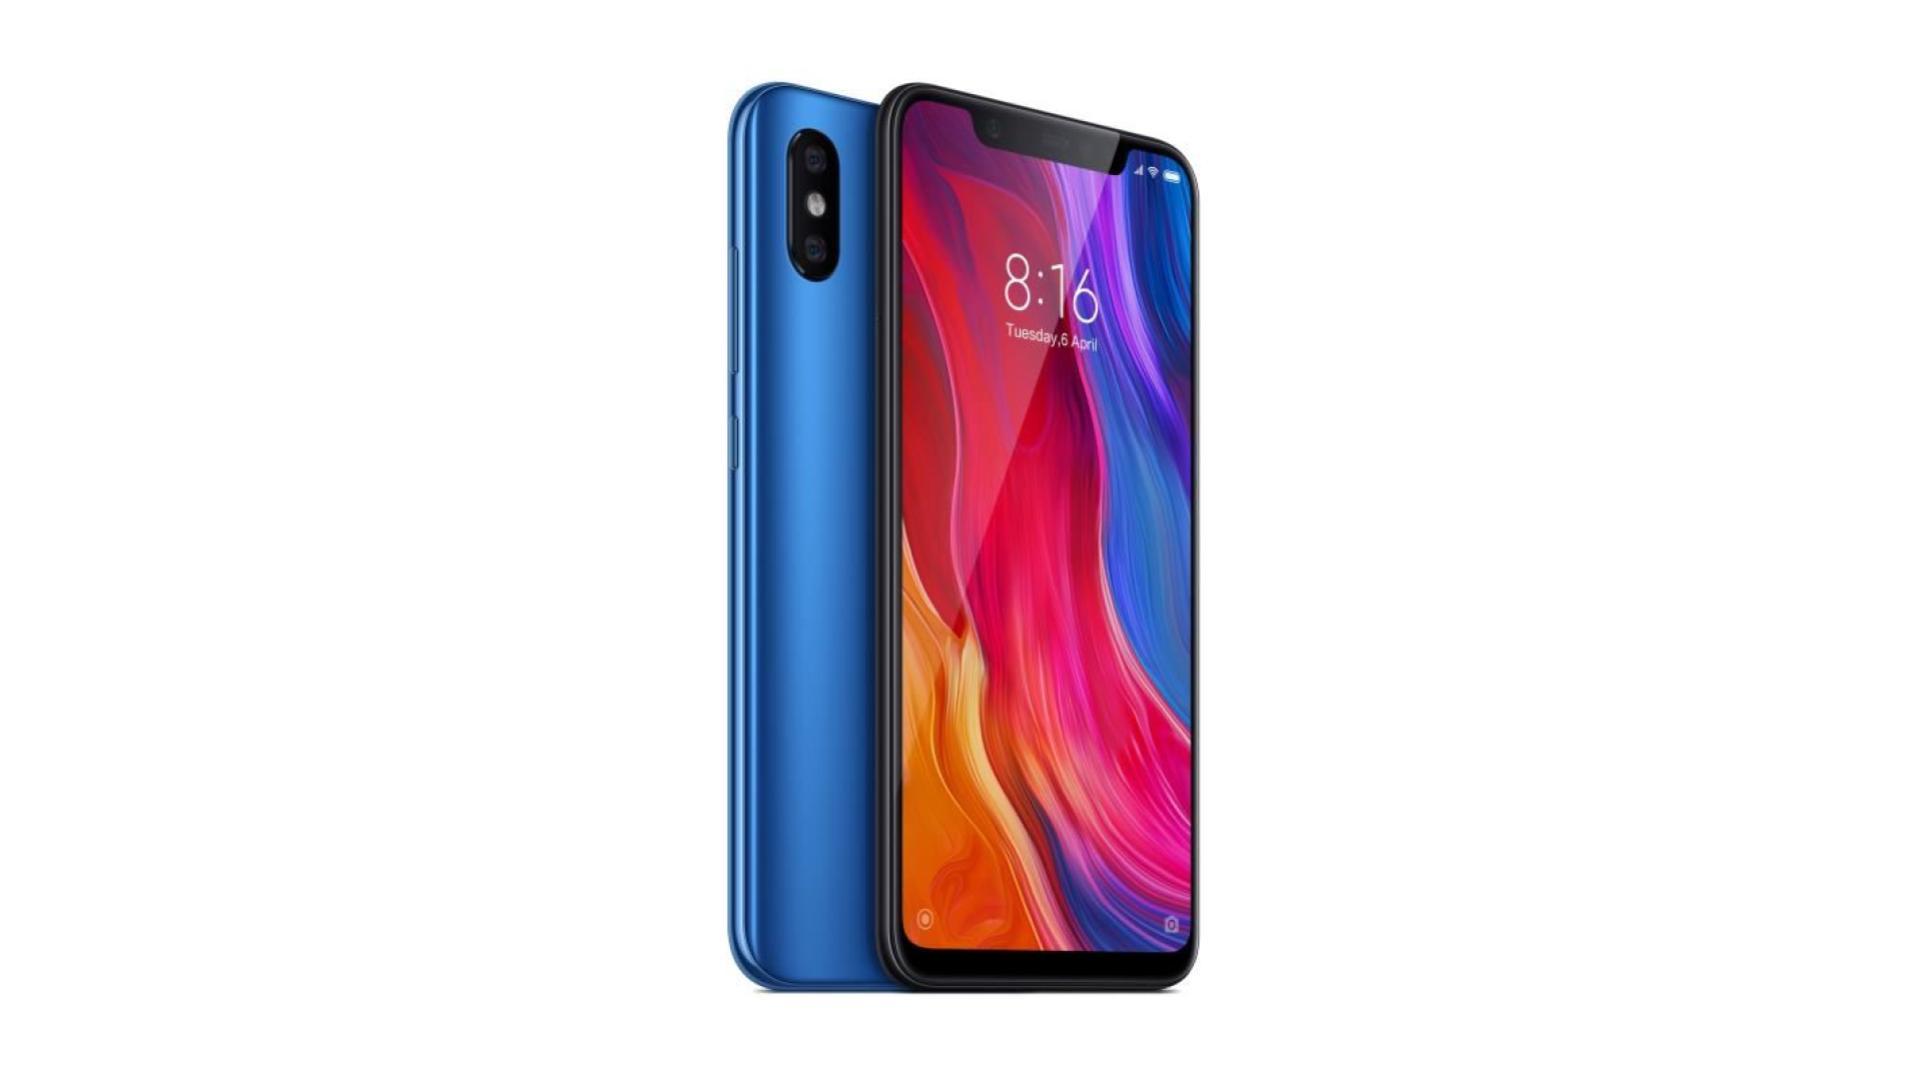 🔥 Bon plan : le Xiaomi Mi 8 est disponible à 299 euros au lieu de 499 euros sur Cdiscount